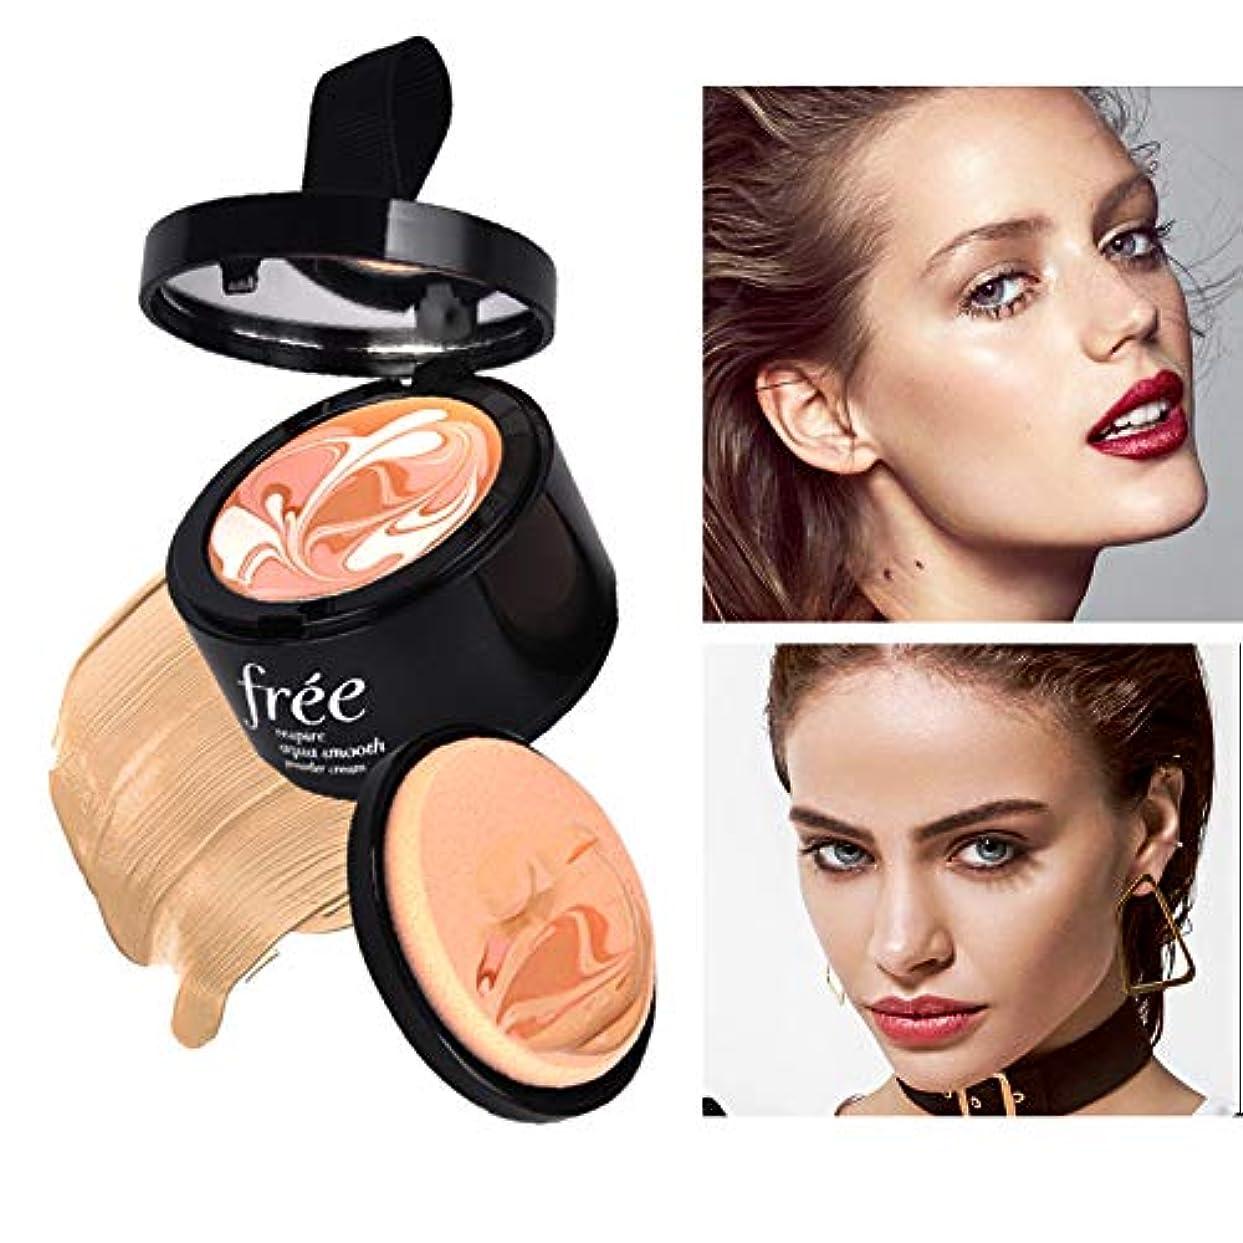 びんメディア意識Foundation Cream Concealer moisturizing Whitening flawless makeup For Face Beauty Base Makeup ファンデーションクリームコンシーラーモイスチャライジングホワイトニングフェイシャルメイクアップフェイシャルビューティベースメイクアップ